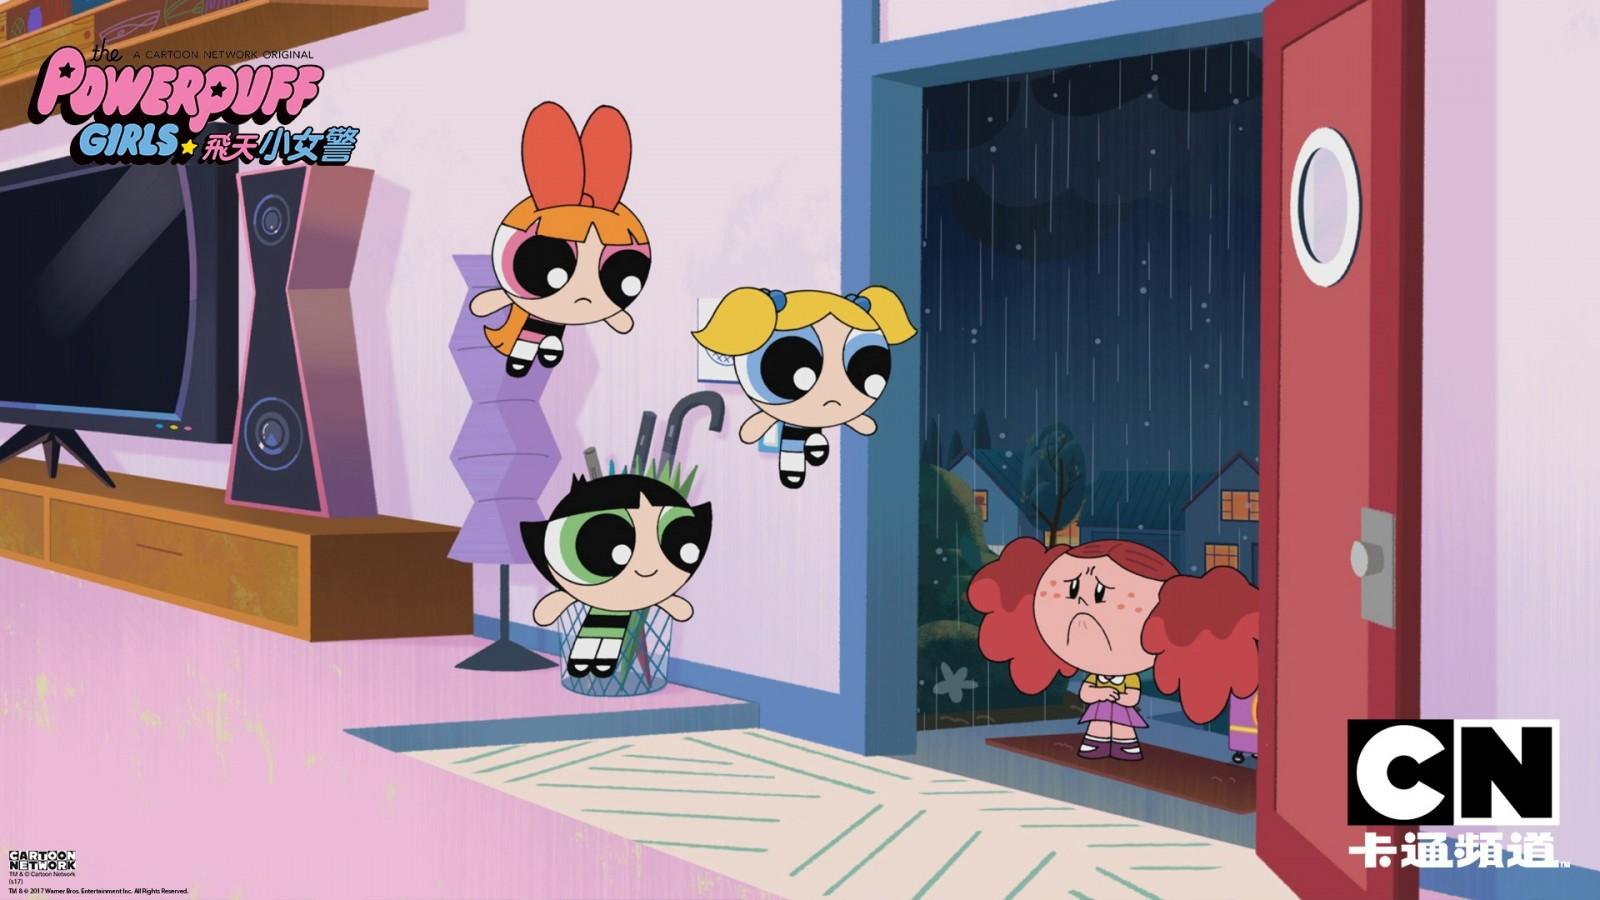 卡通頻道顛覆甜蜜情人節 推出超酷壞蛋日